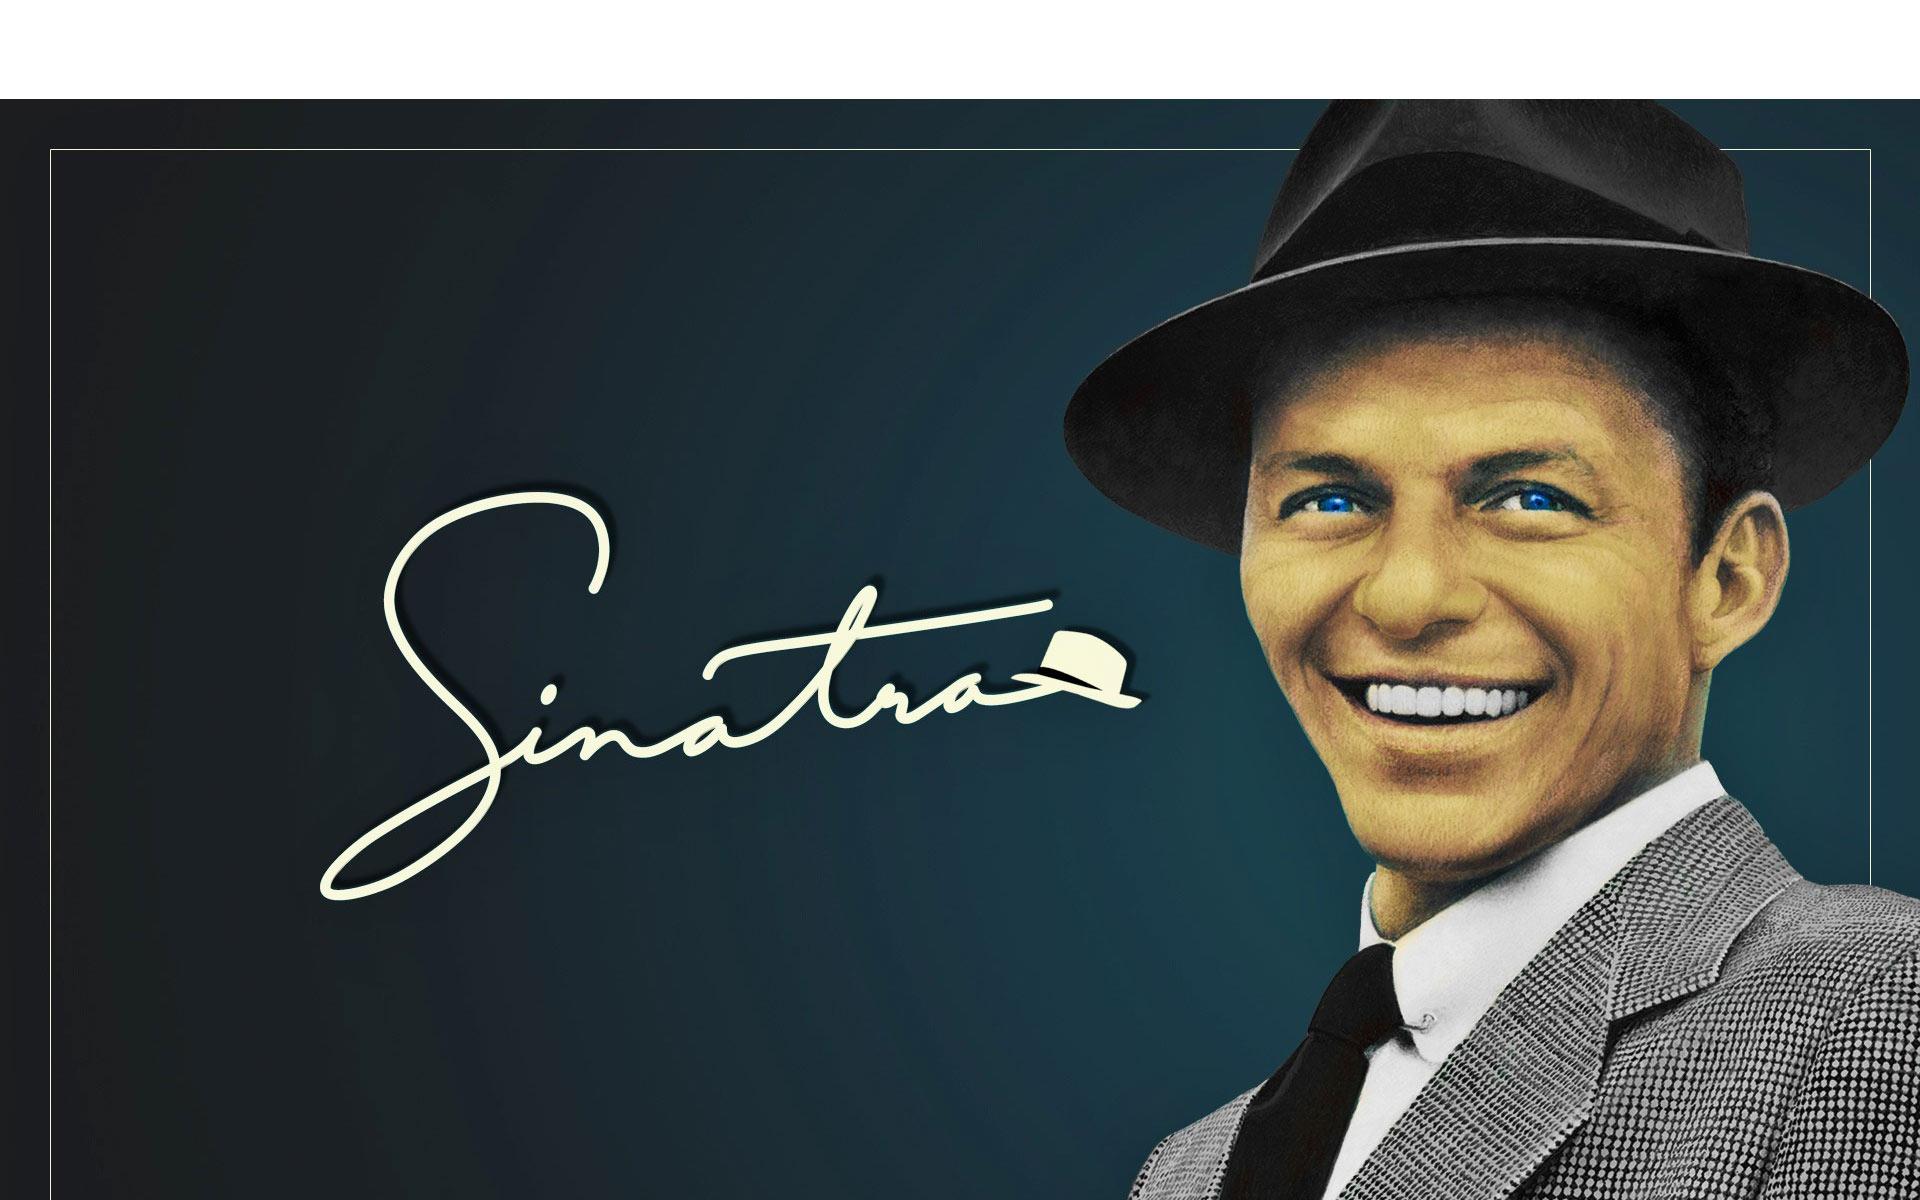 """El especial """"Sinatra 100- An All-Star GRAMMY Concert"""" se grabará el miércoles dos de diciembre en Las Vegas y saldrá al aire el 6 de diciembre"""